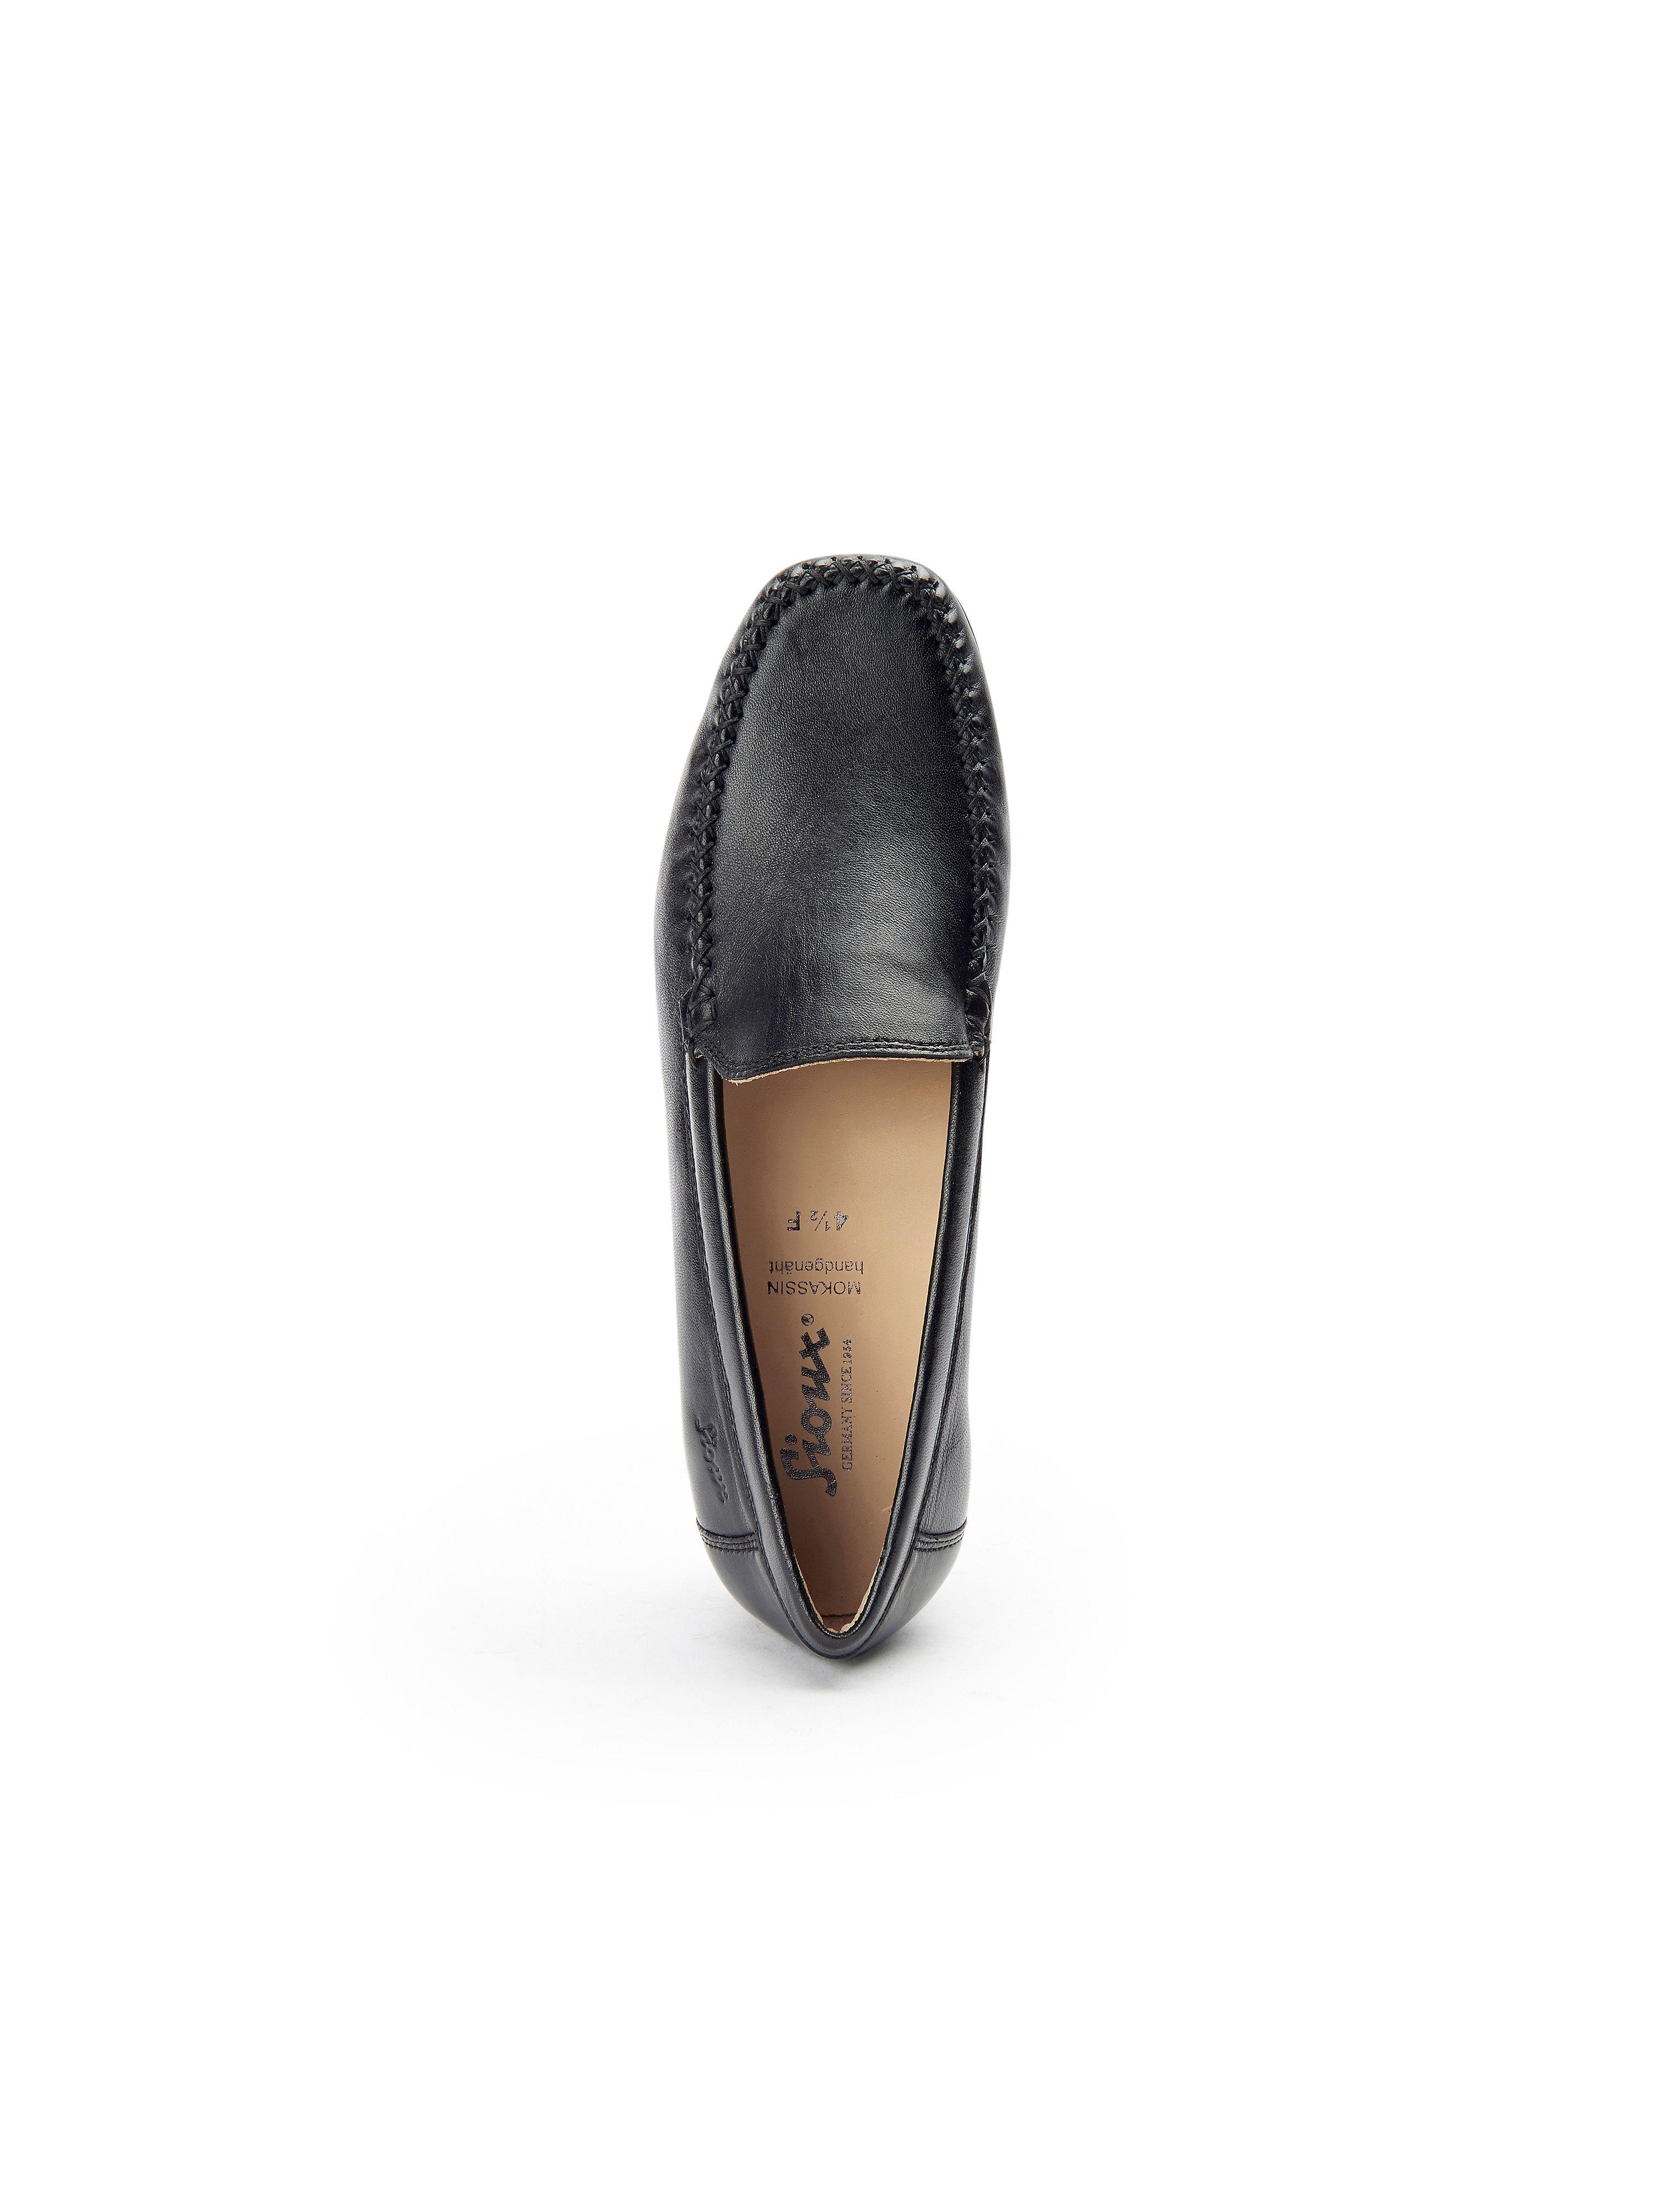 Sioux - Mokassin Campina beliebte - Schwarz Gute Qualität beliebte Campina Schuhe 8ba916